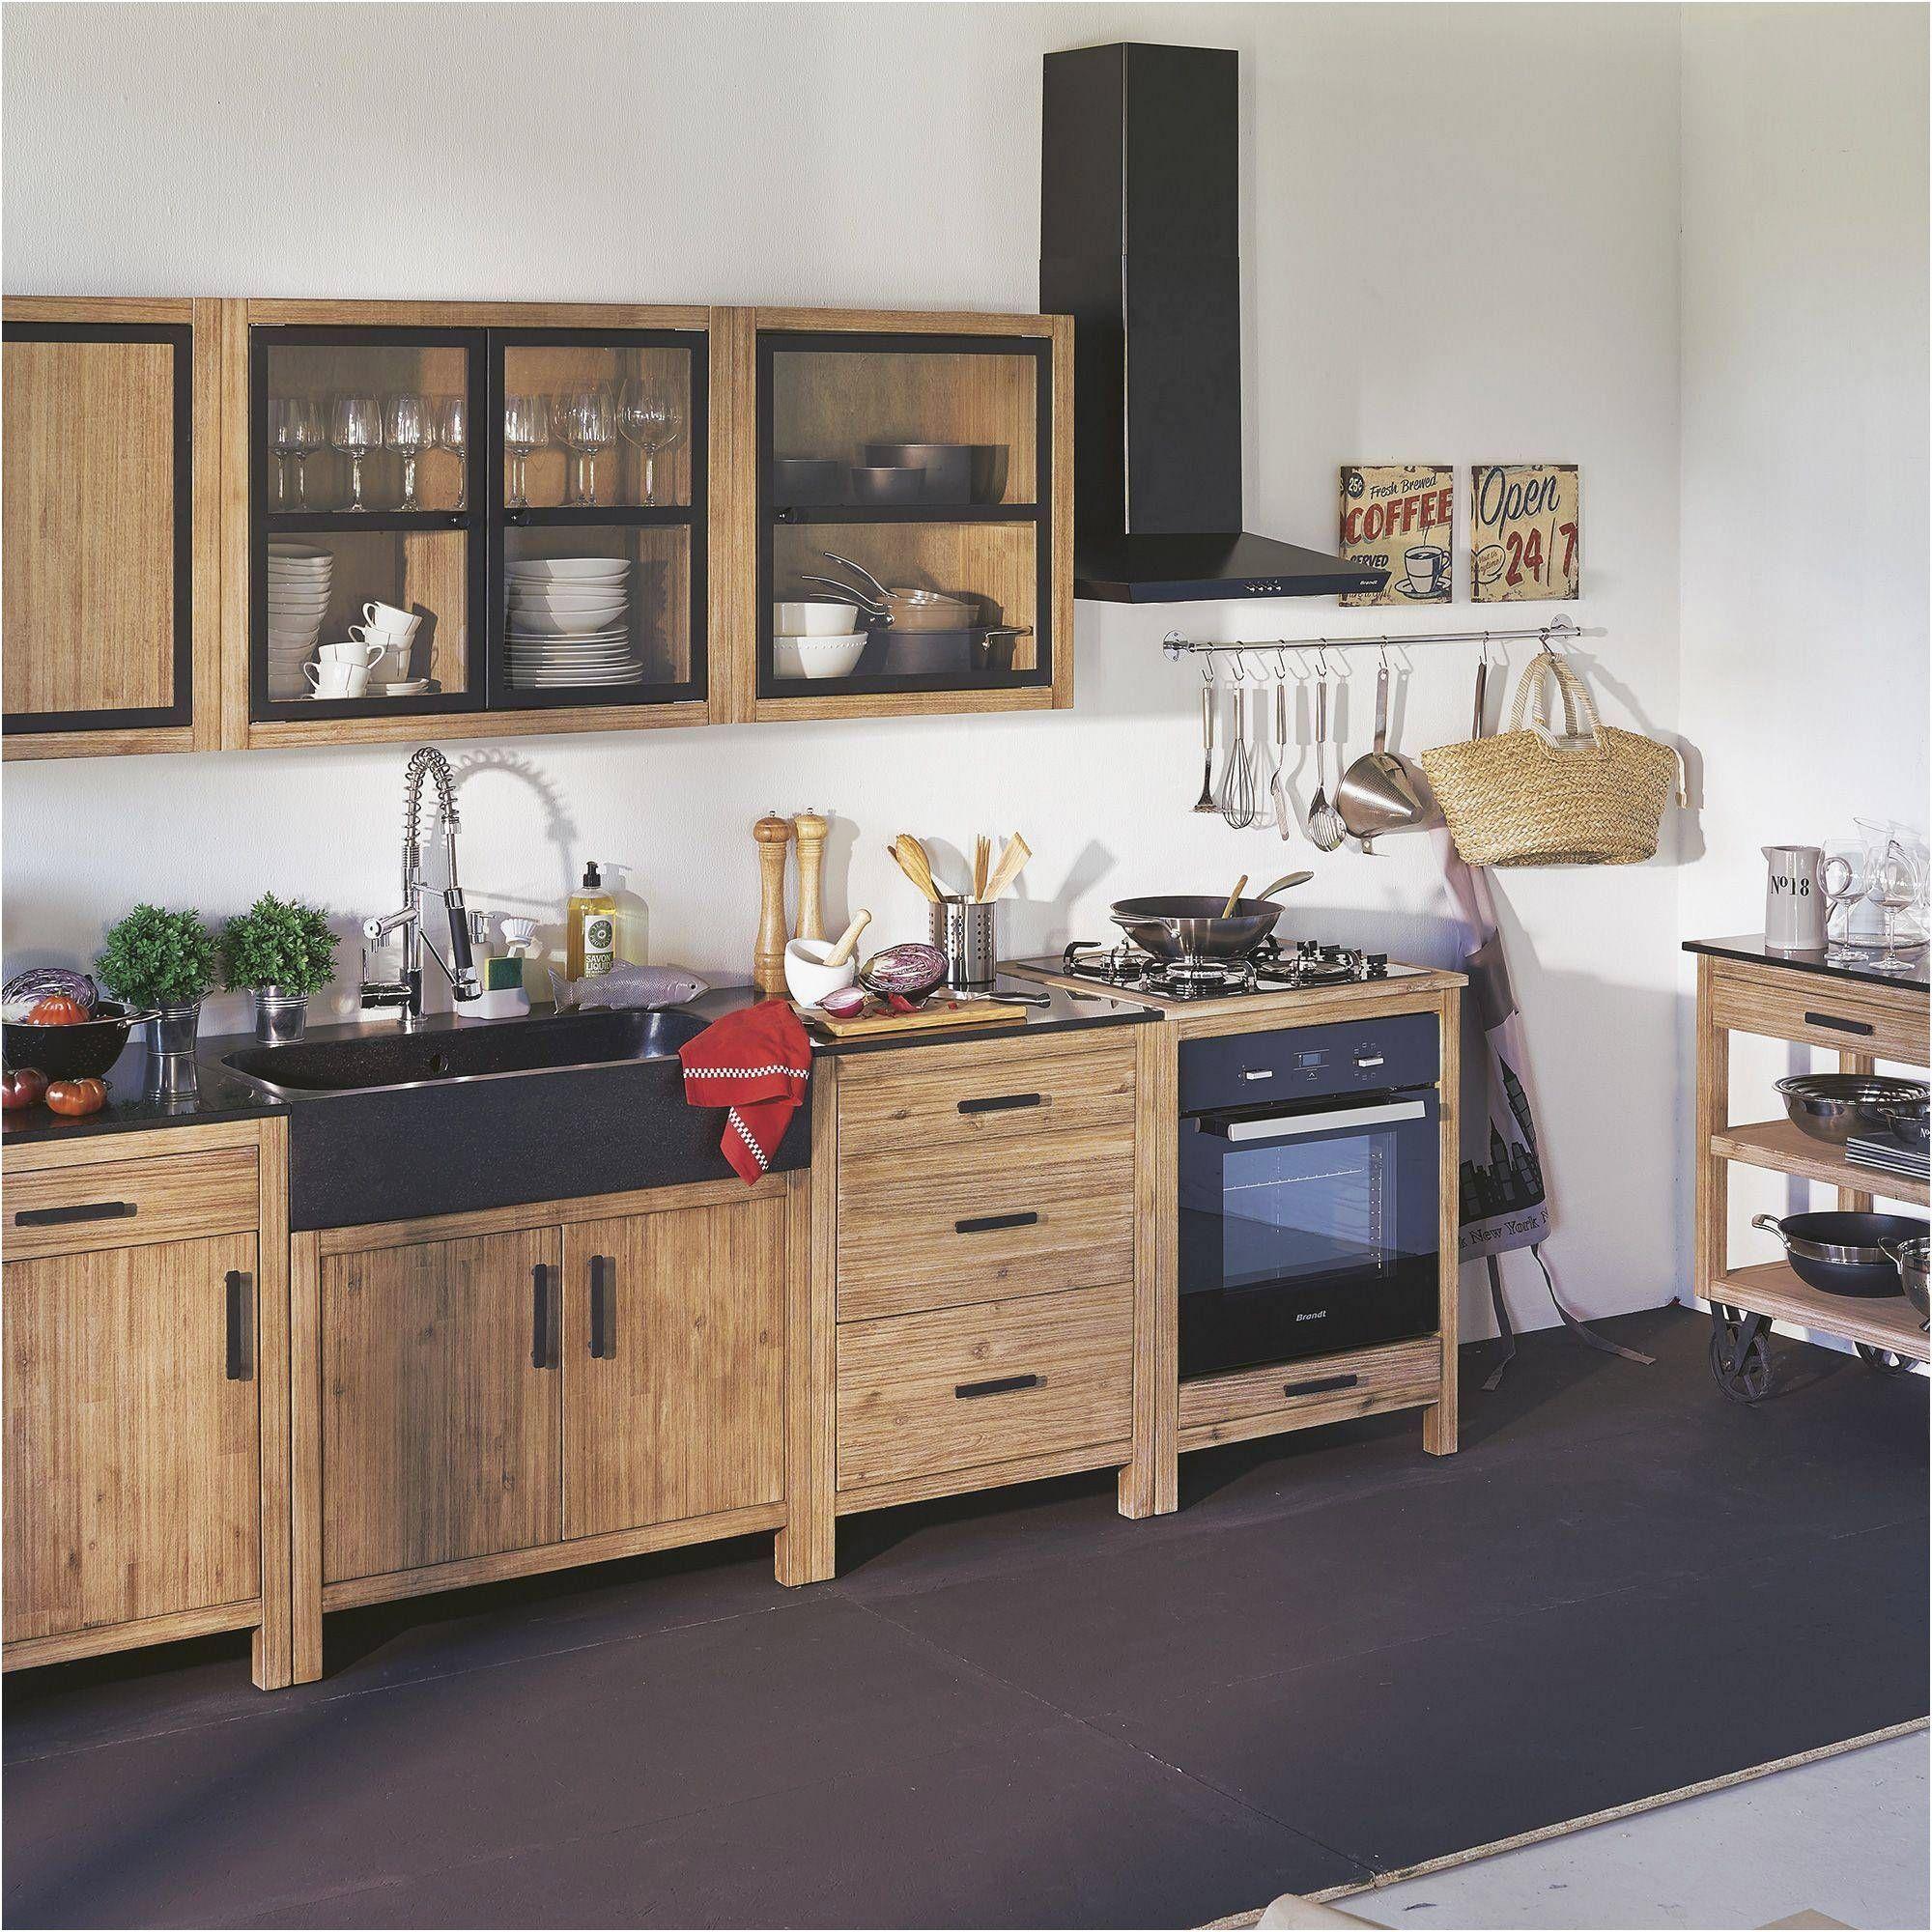 Lys Meuble De Cuisine Haut A Portes Vitrees 110cm Alinea Lys Meuble Cuisine Meuble Haut Cuisine Idee Deco Cuisine